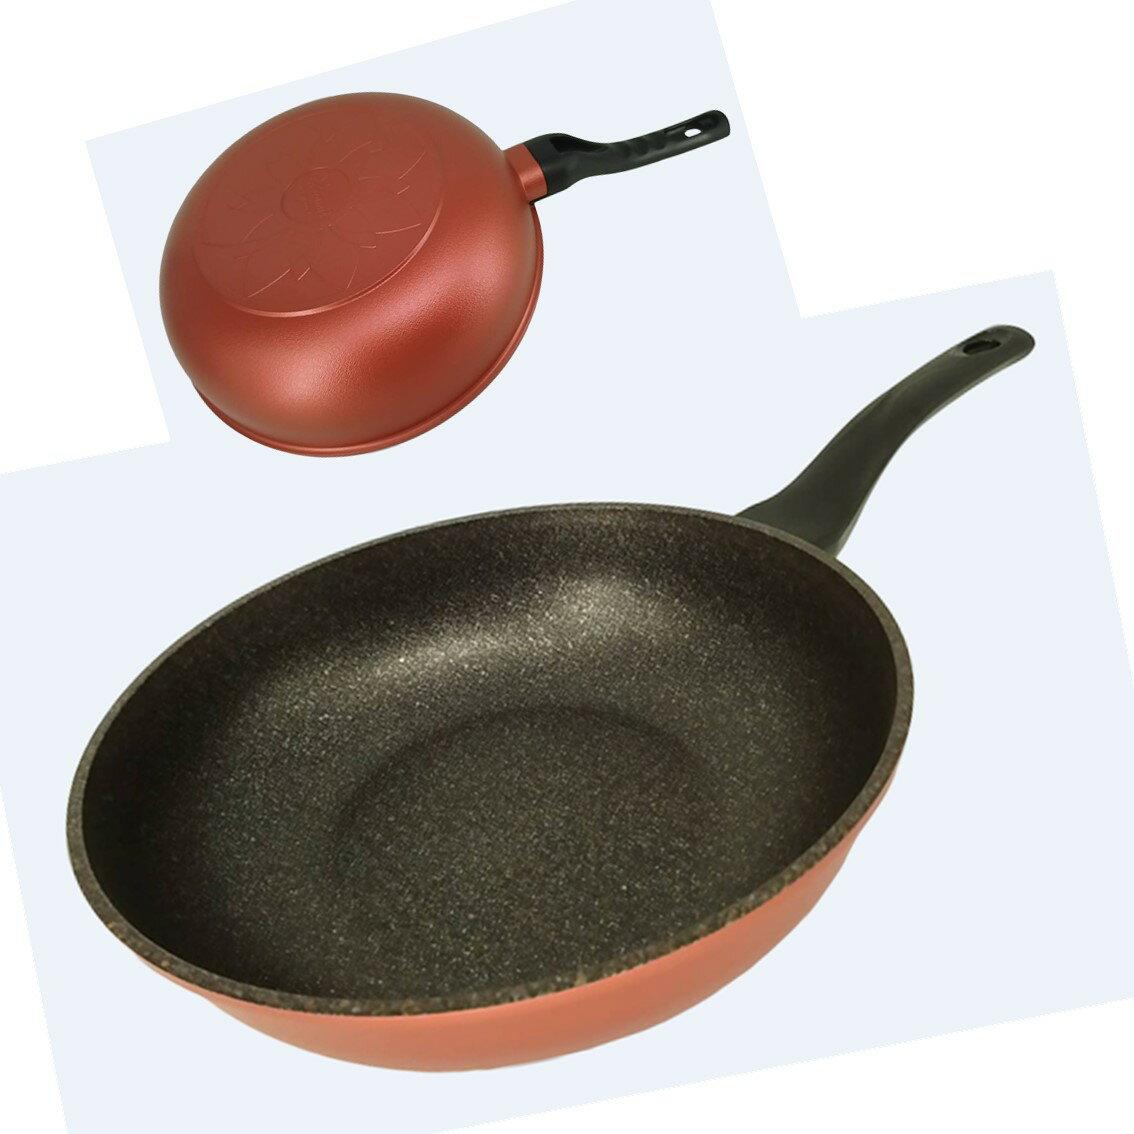 韓國Ecoramic鈦晶石頭抗菌不沾鍋 酒紅色 30cm 大深鍋/珊瑚粉色 30cm 大深鍋  (無附鍋蓋)【樂活生活館】